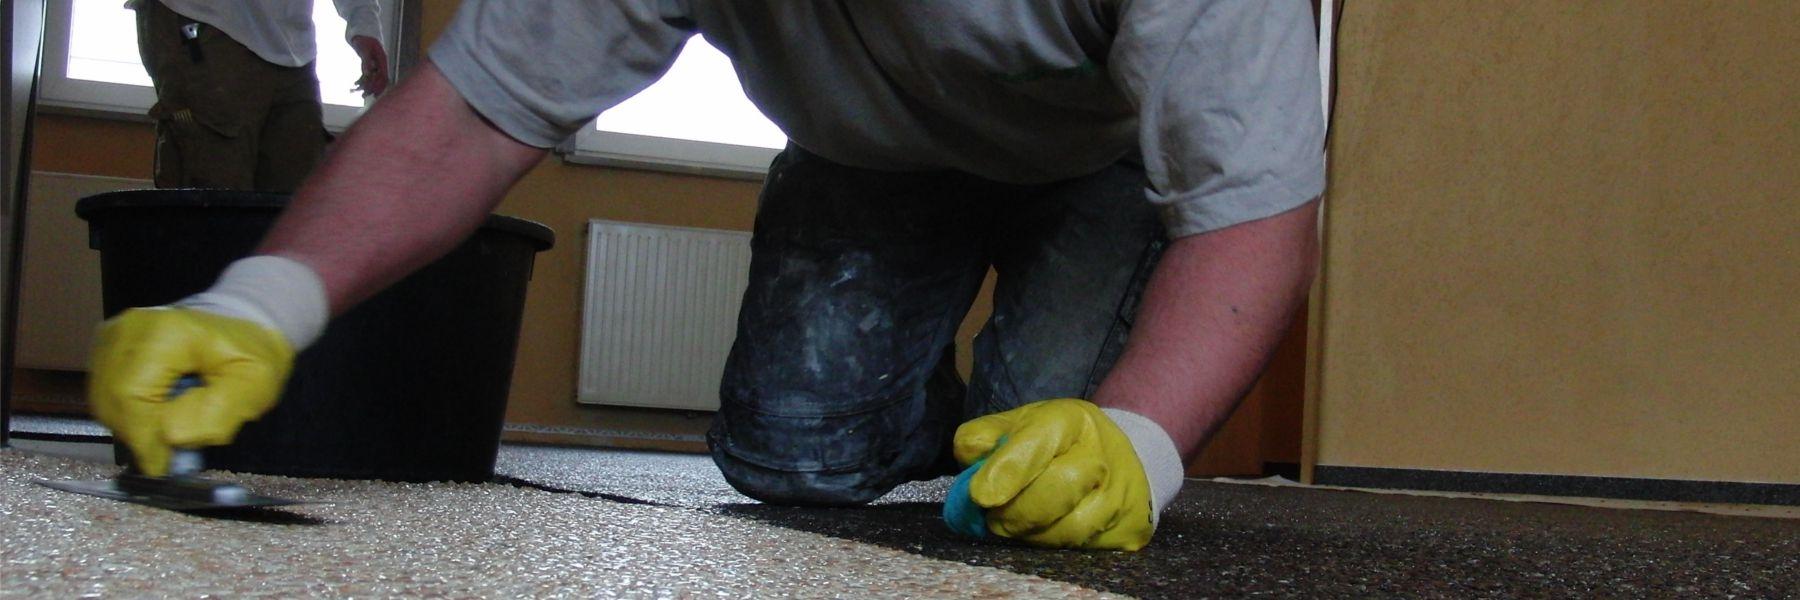 Verlegeharz, Bindemittel und Versiegelung für fugenlose Bodensysteme, wie Steinteppich, Colorquarz